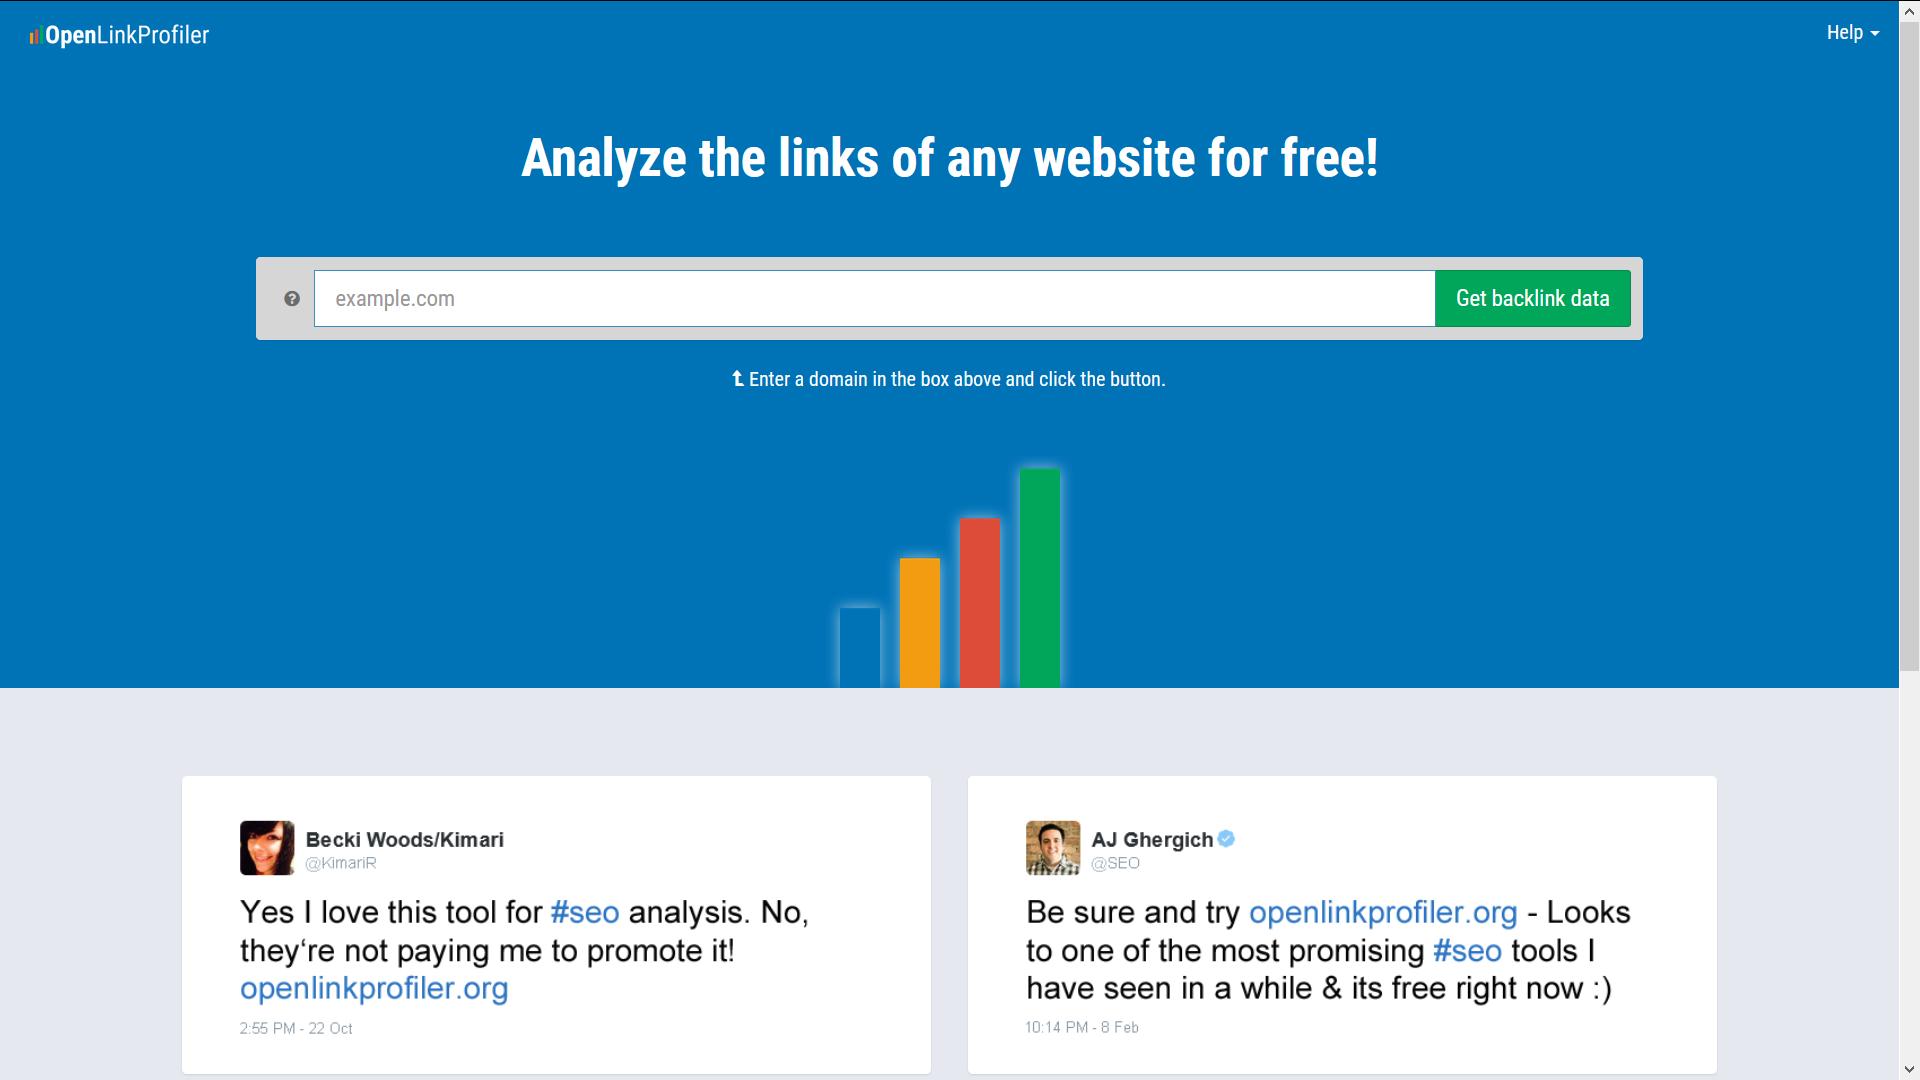 OpenLinkProfiler-investigative-journalism-tool